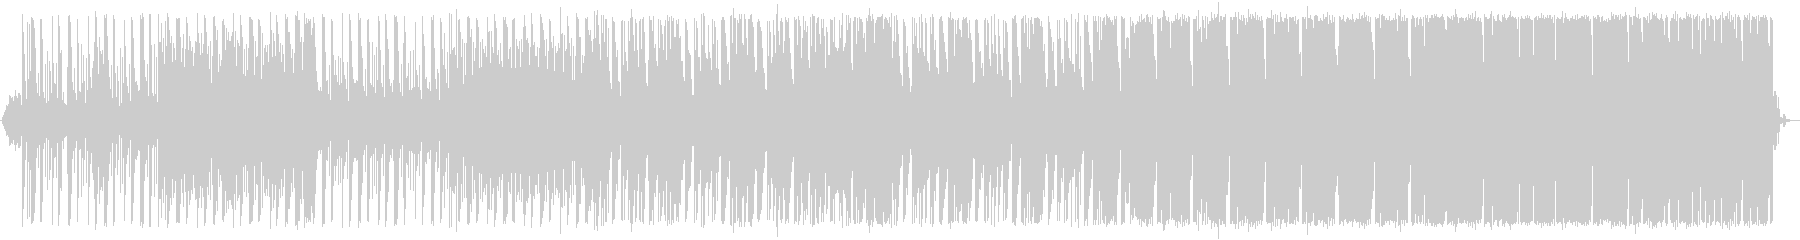 ちょっとホラーな工場風BGMの未再生の波形